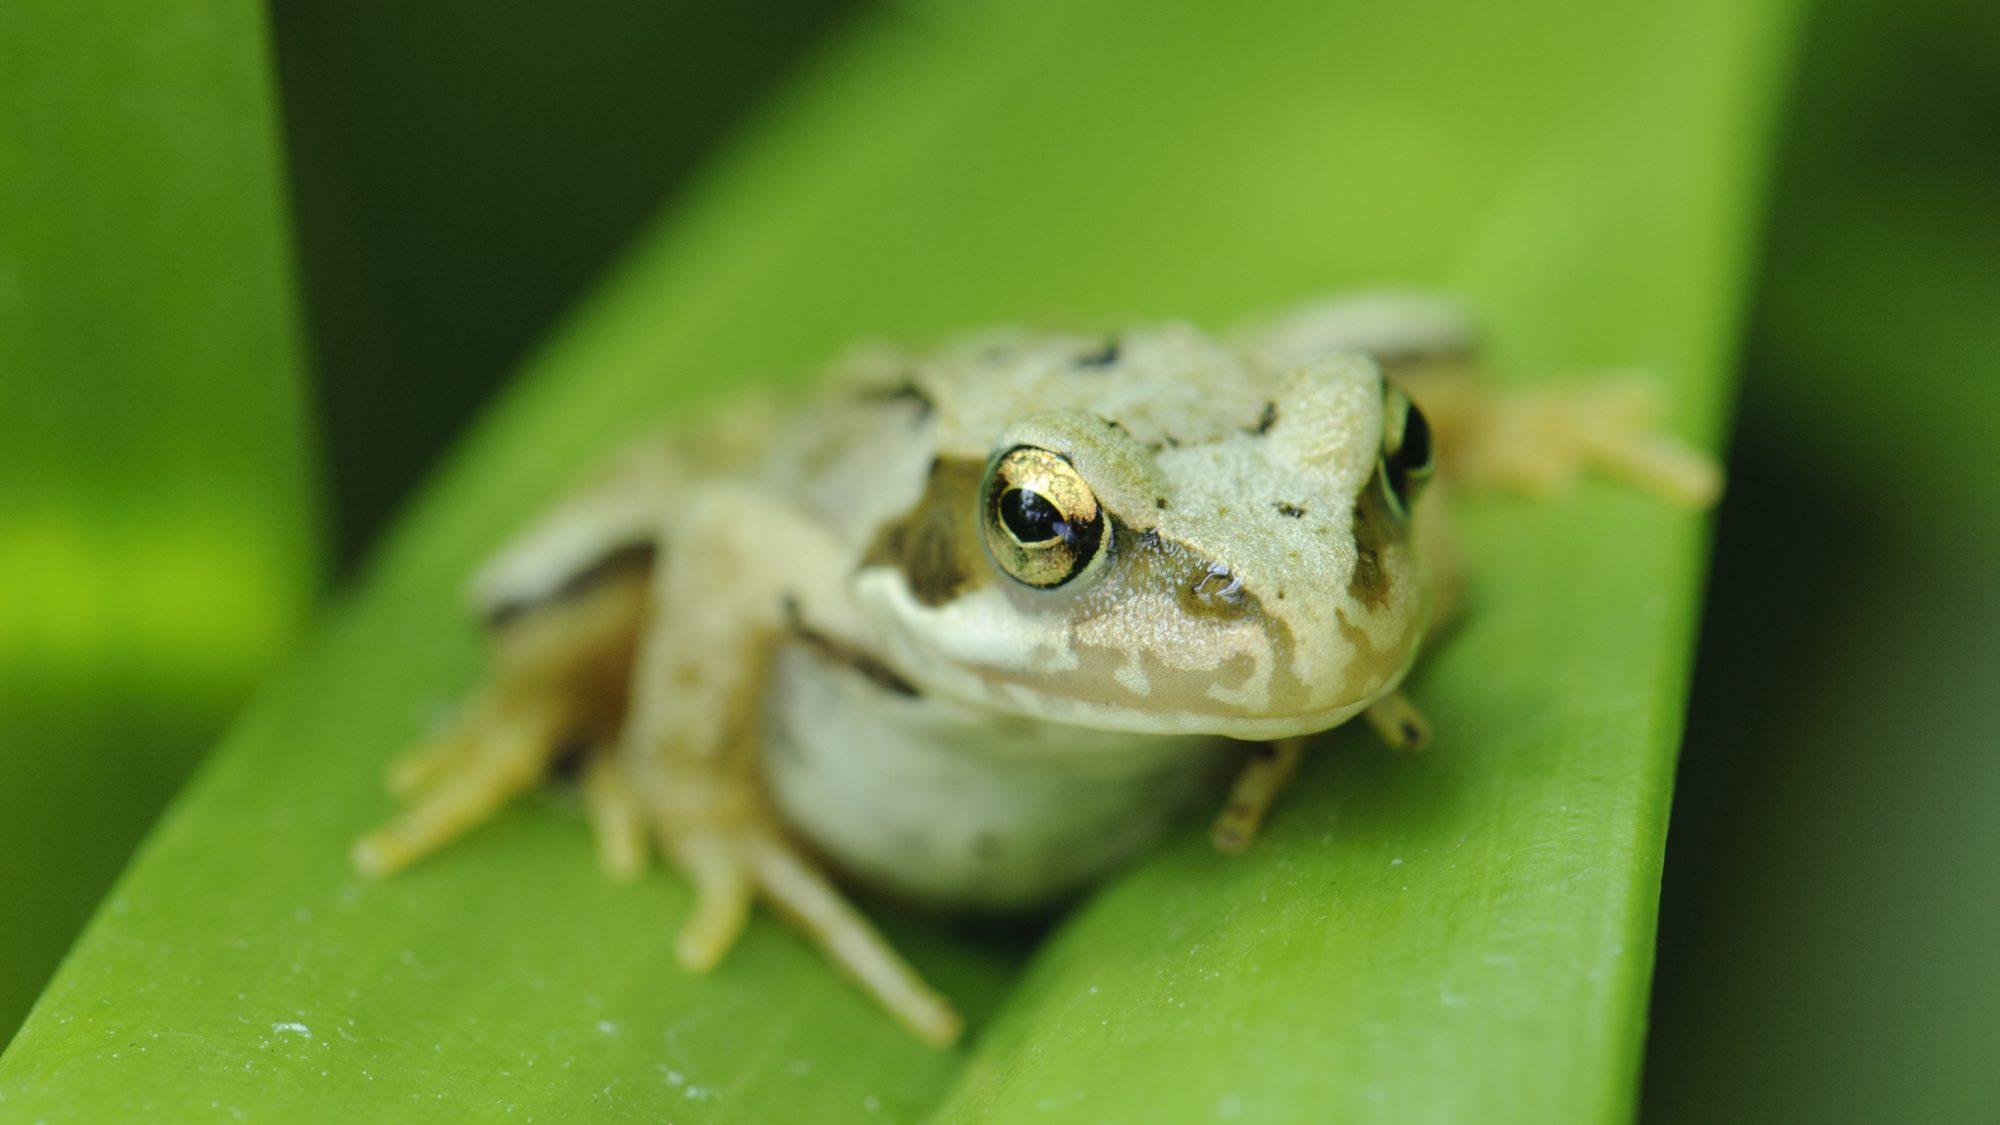 A frog sitting on a leaf.